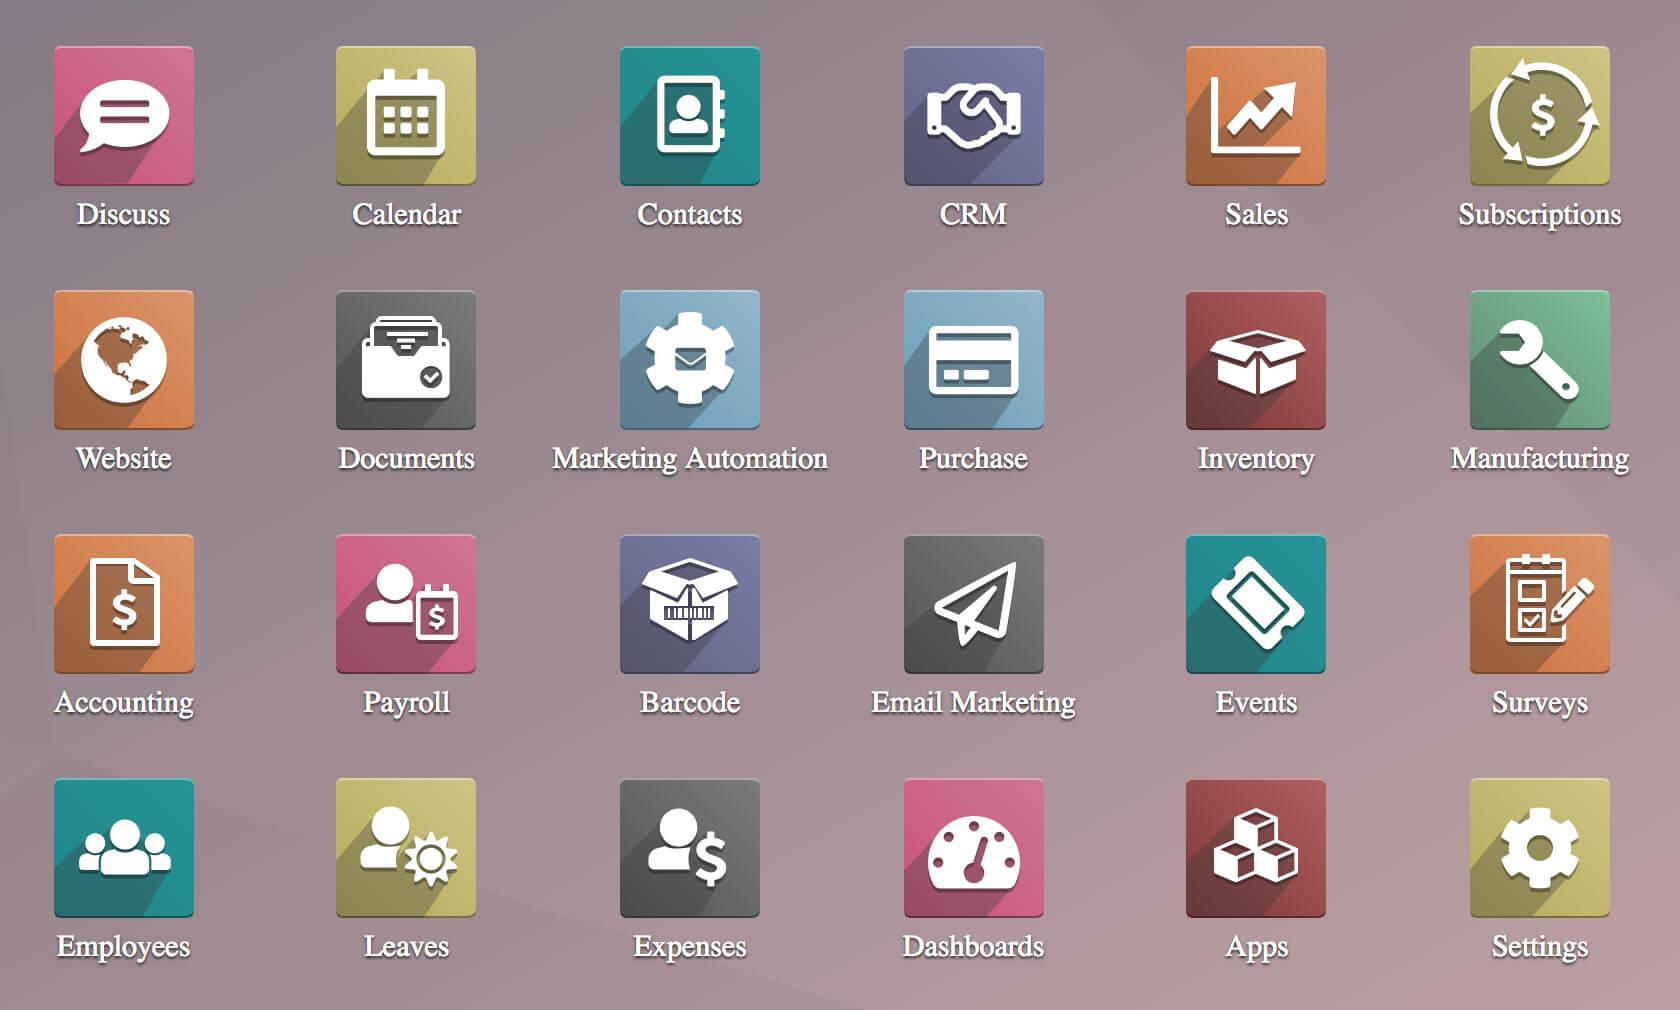 Thiết kế phần mềm thực hiện theo đúng quy trình cần được đảm bảo